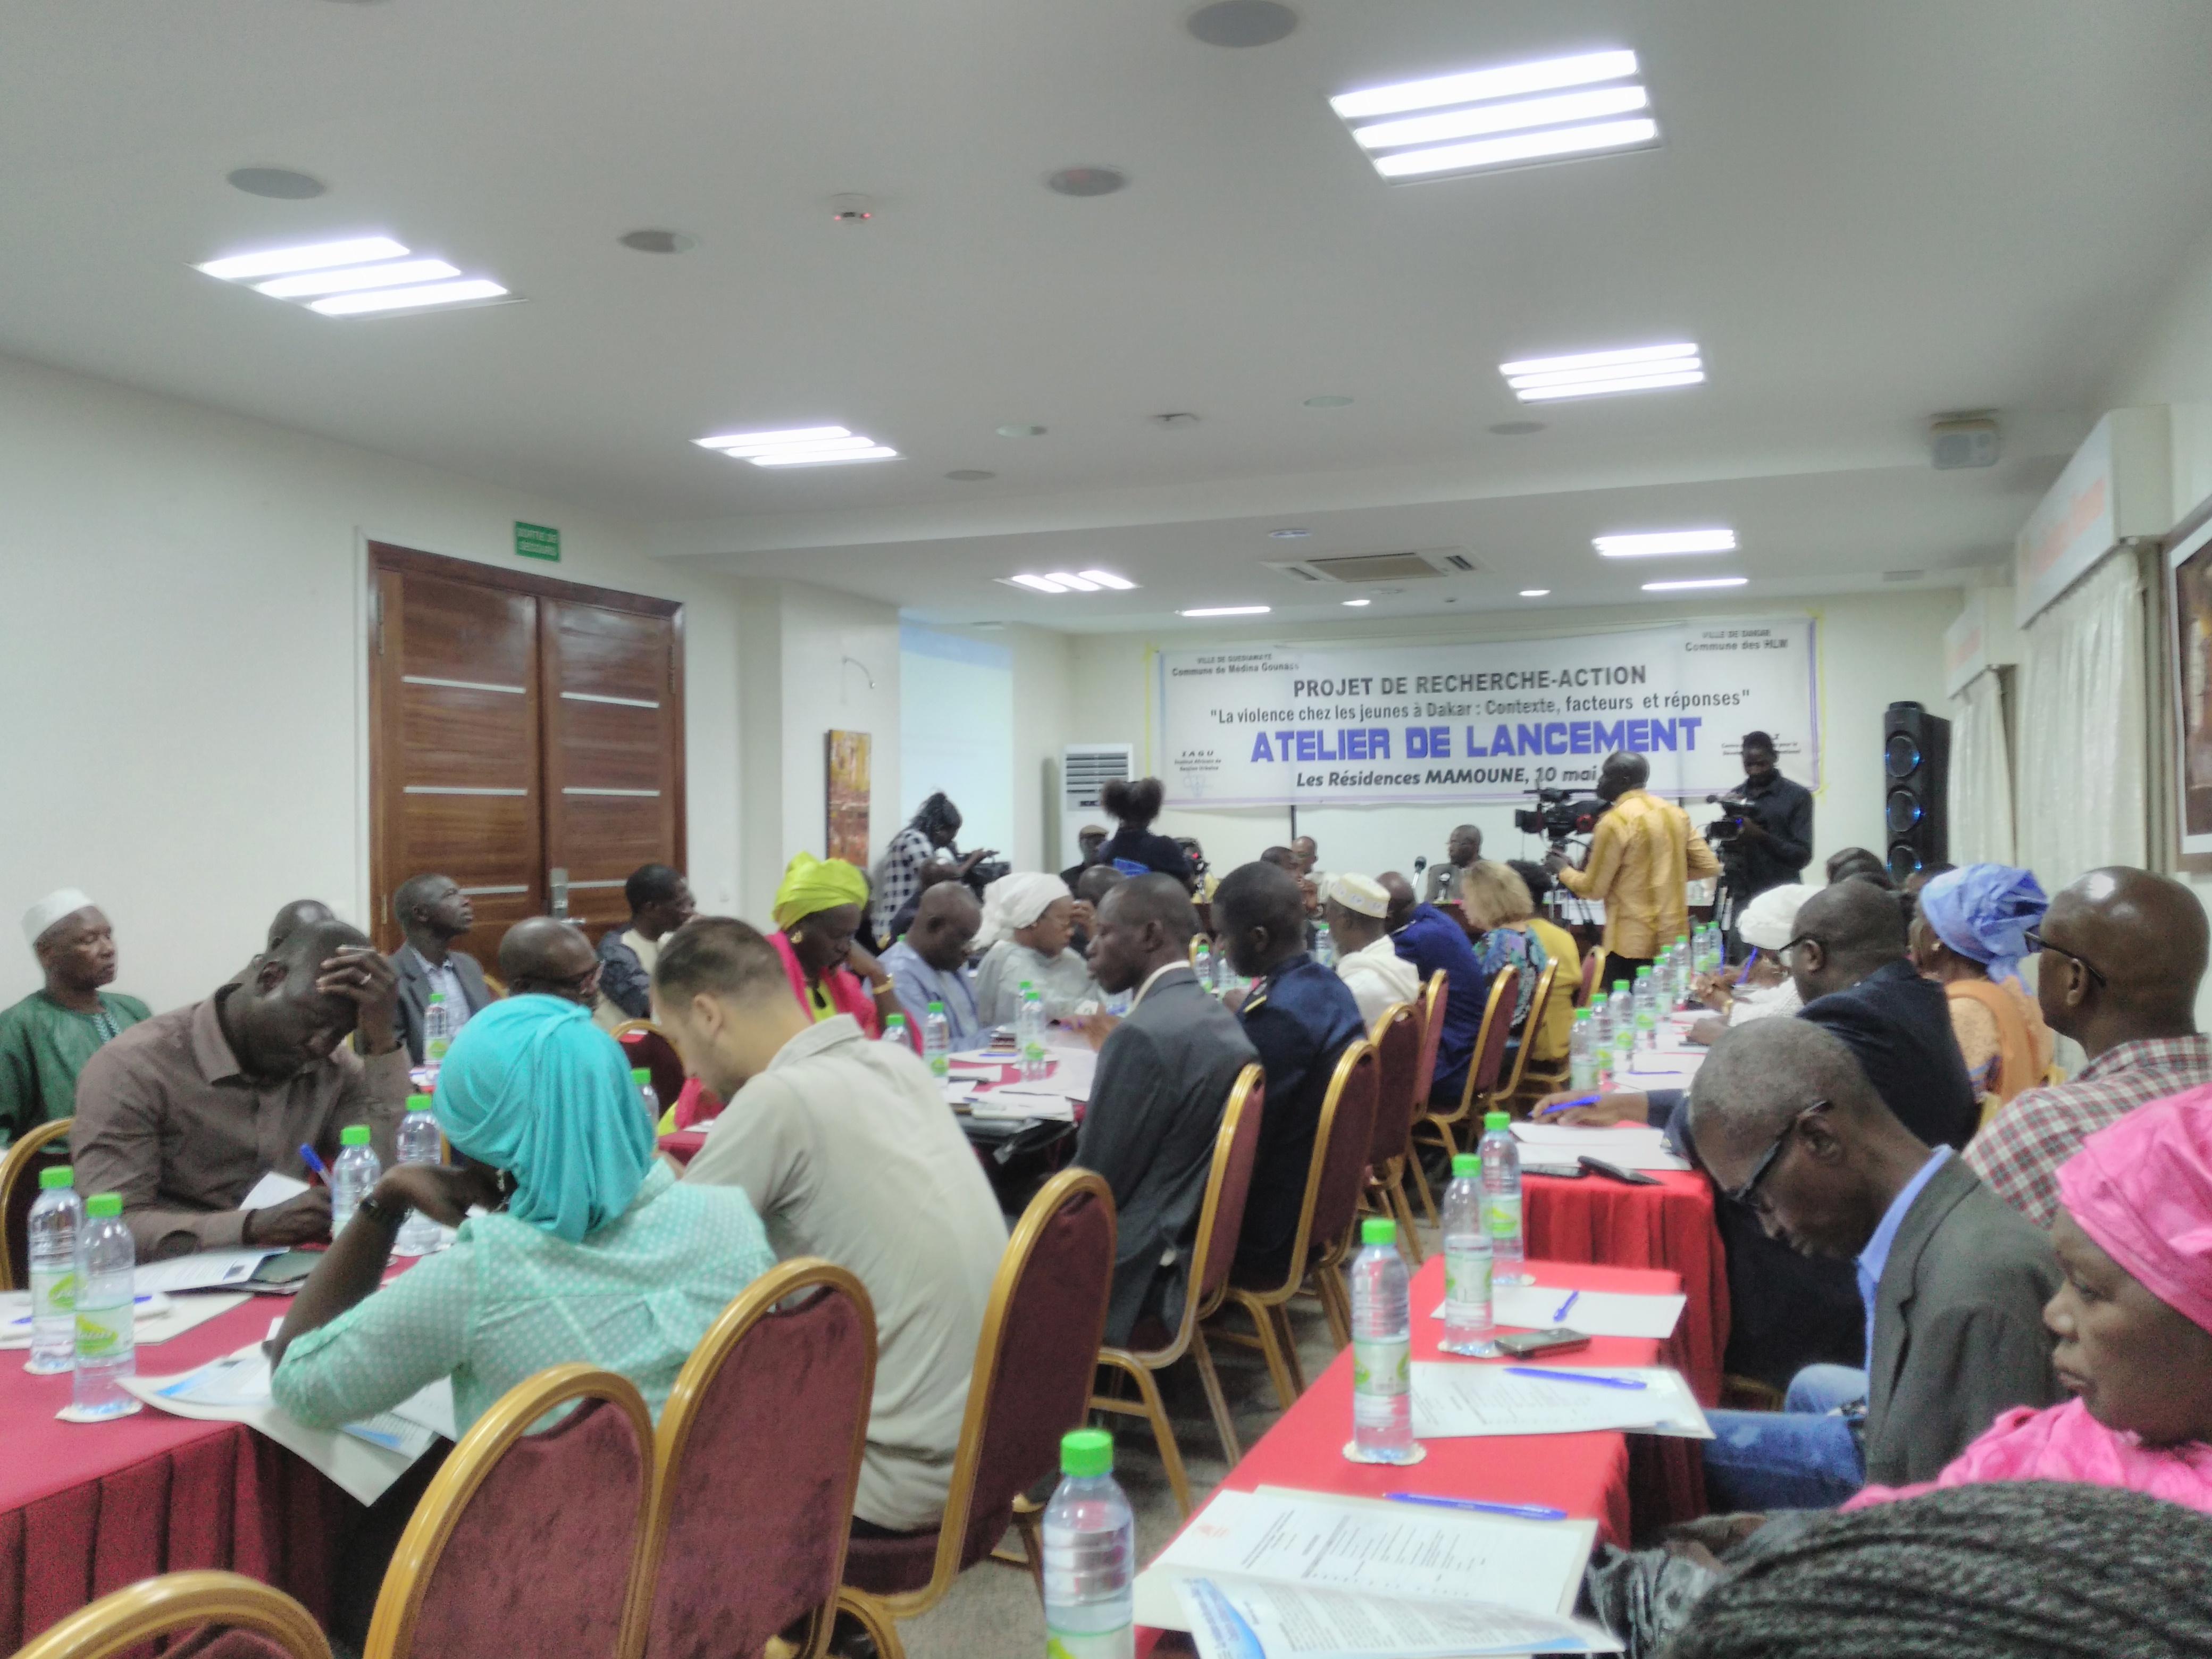 Le projet de recherche-action sur la violence chez les jeunes à Dakar, lancé aujourd'hui